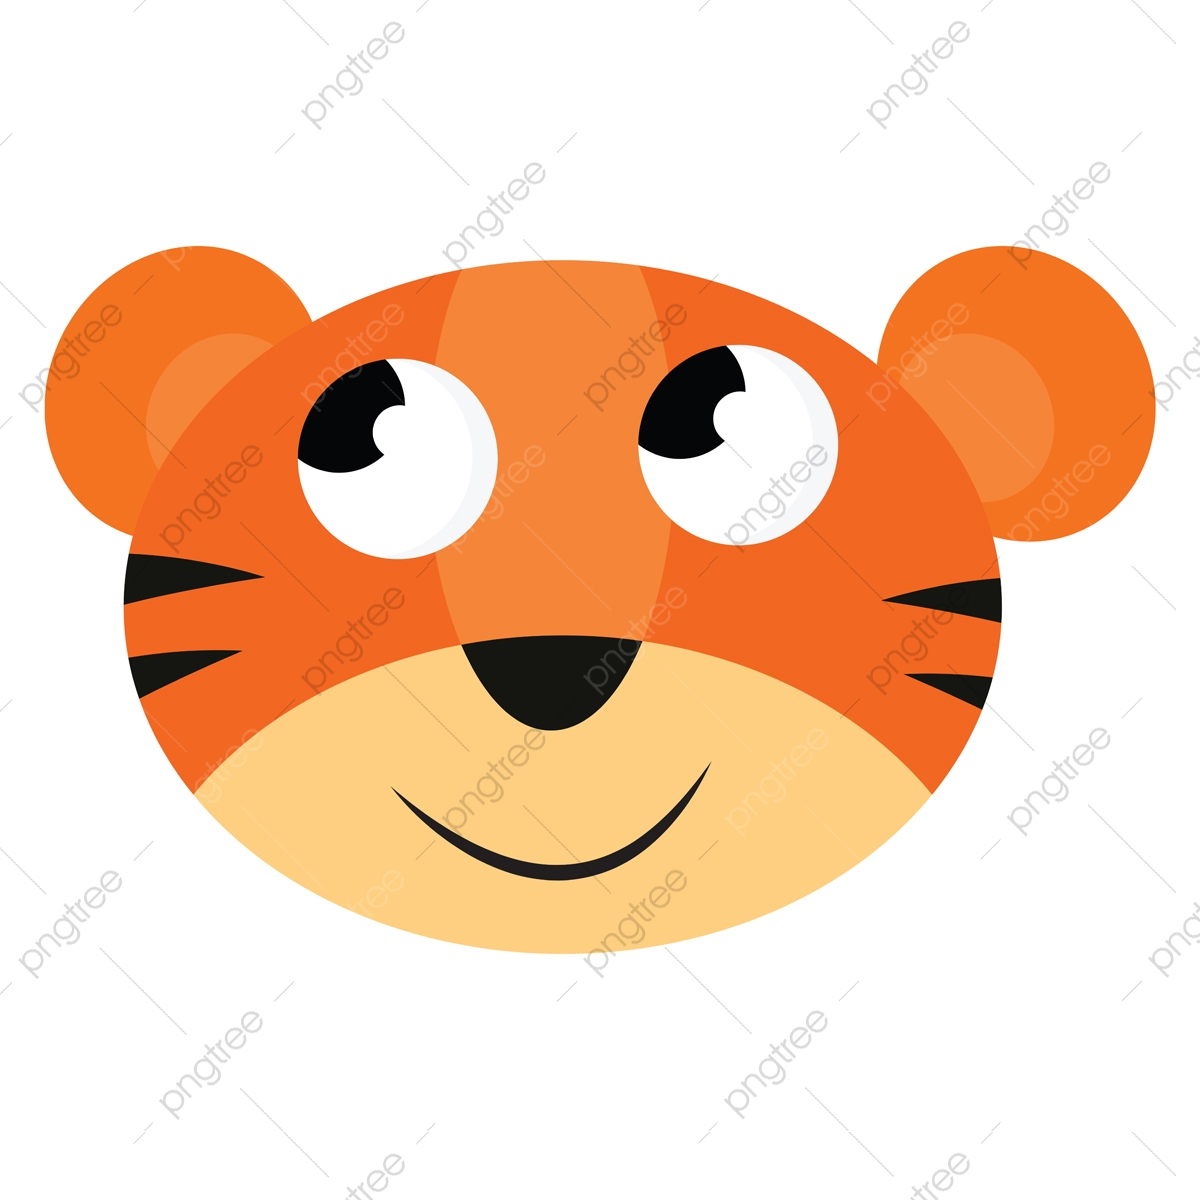 Gambar Kartun Wajah Vektor Harimau Atau Warna Yang Tersenyum